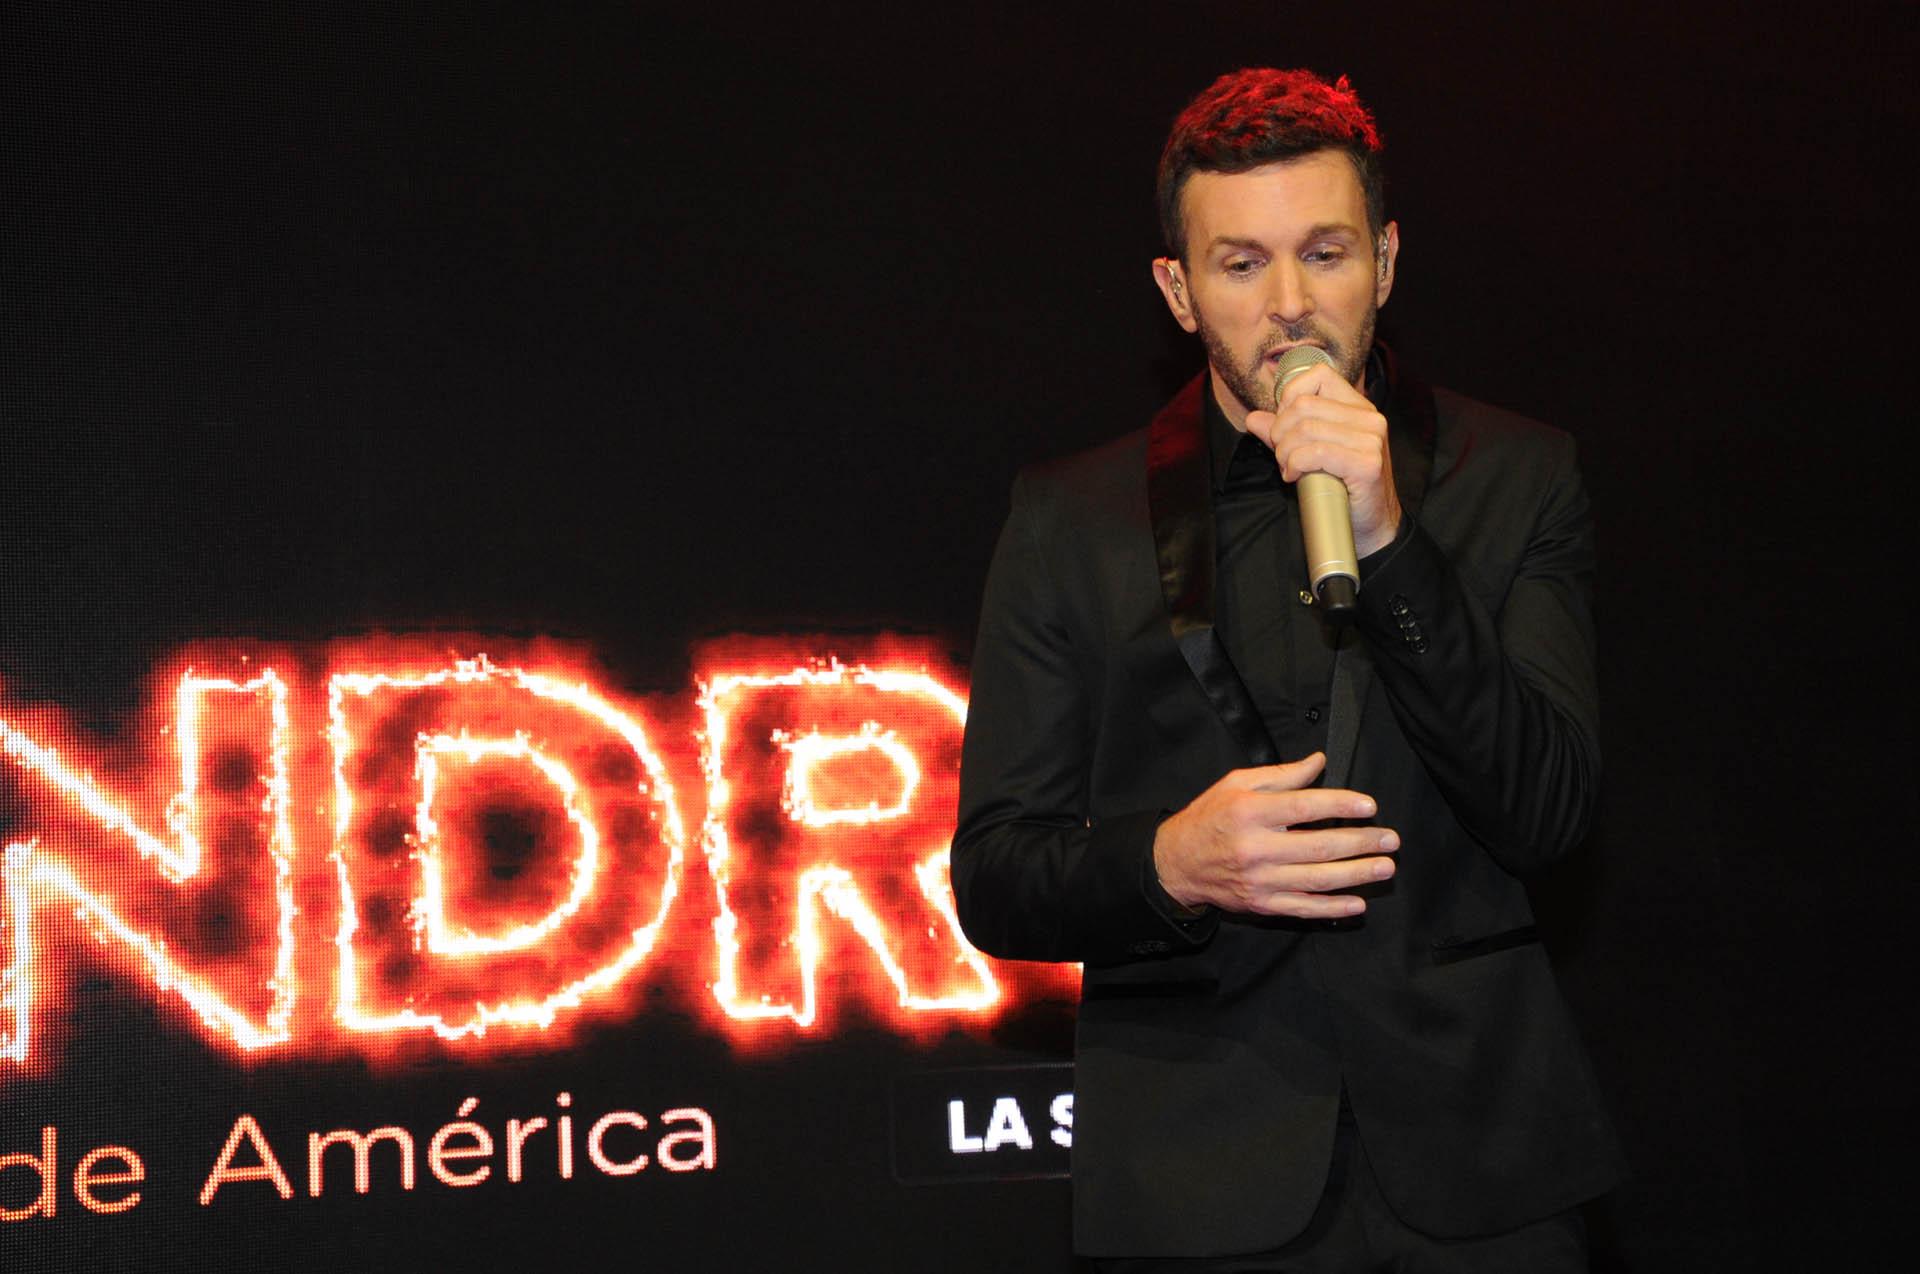 Axel le puso música a la presentación de Sandro de América